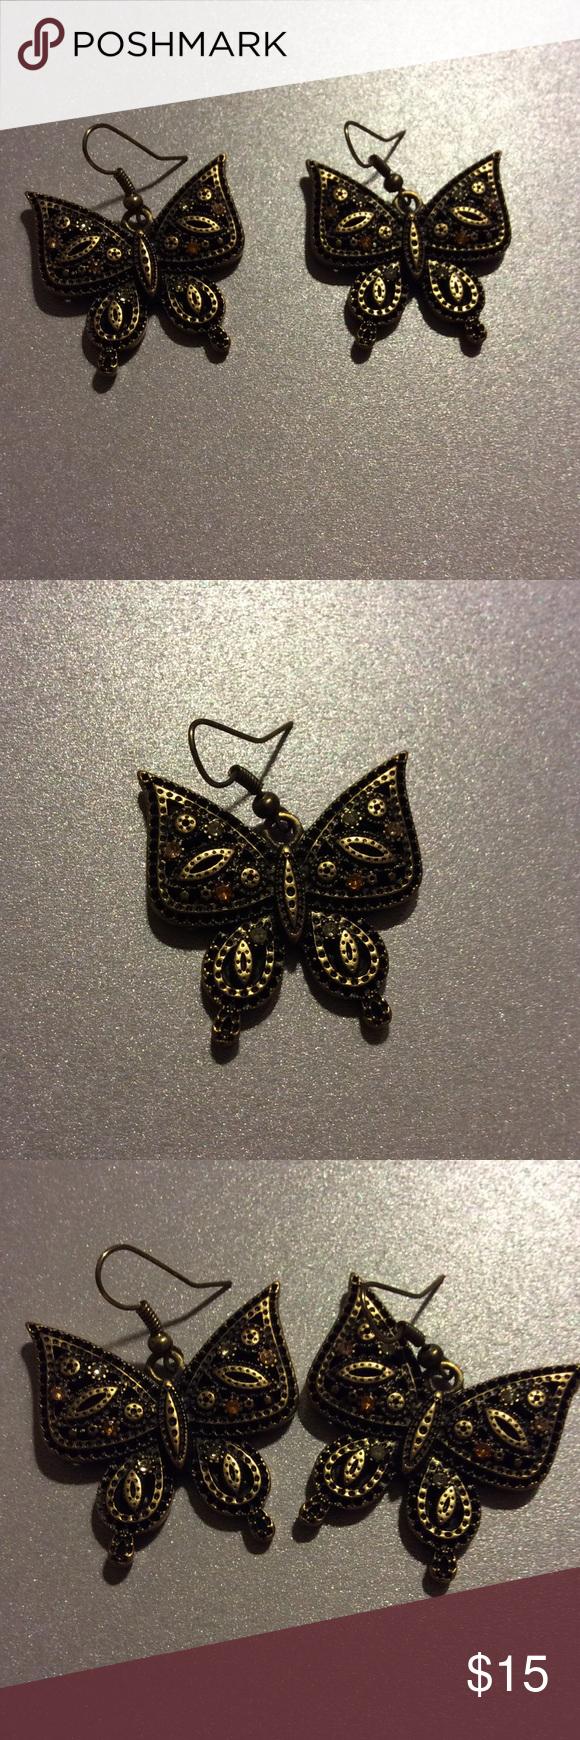 Butterfly earrings Brass butterfly shaped Jewelry Earrings